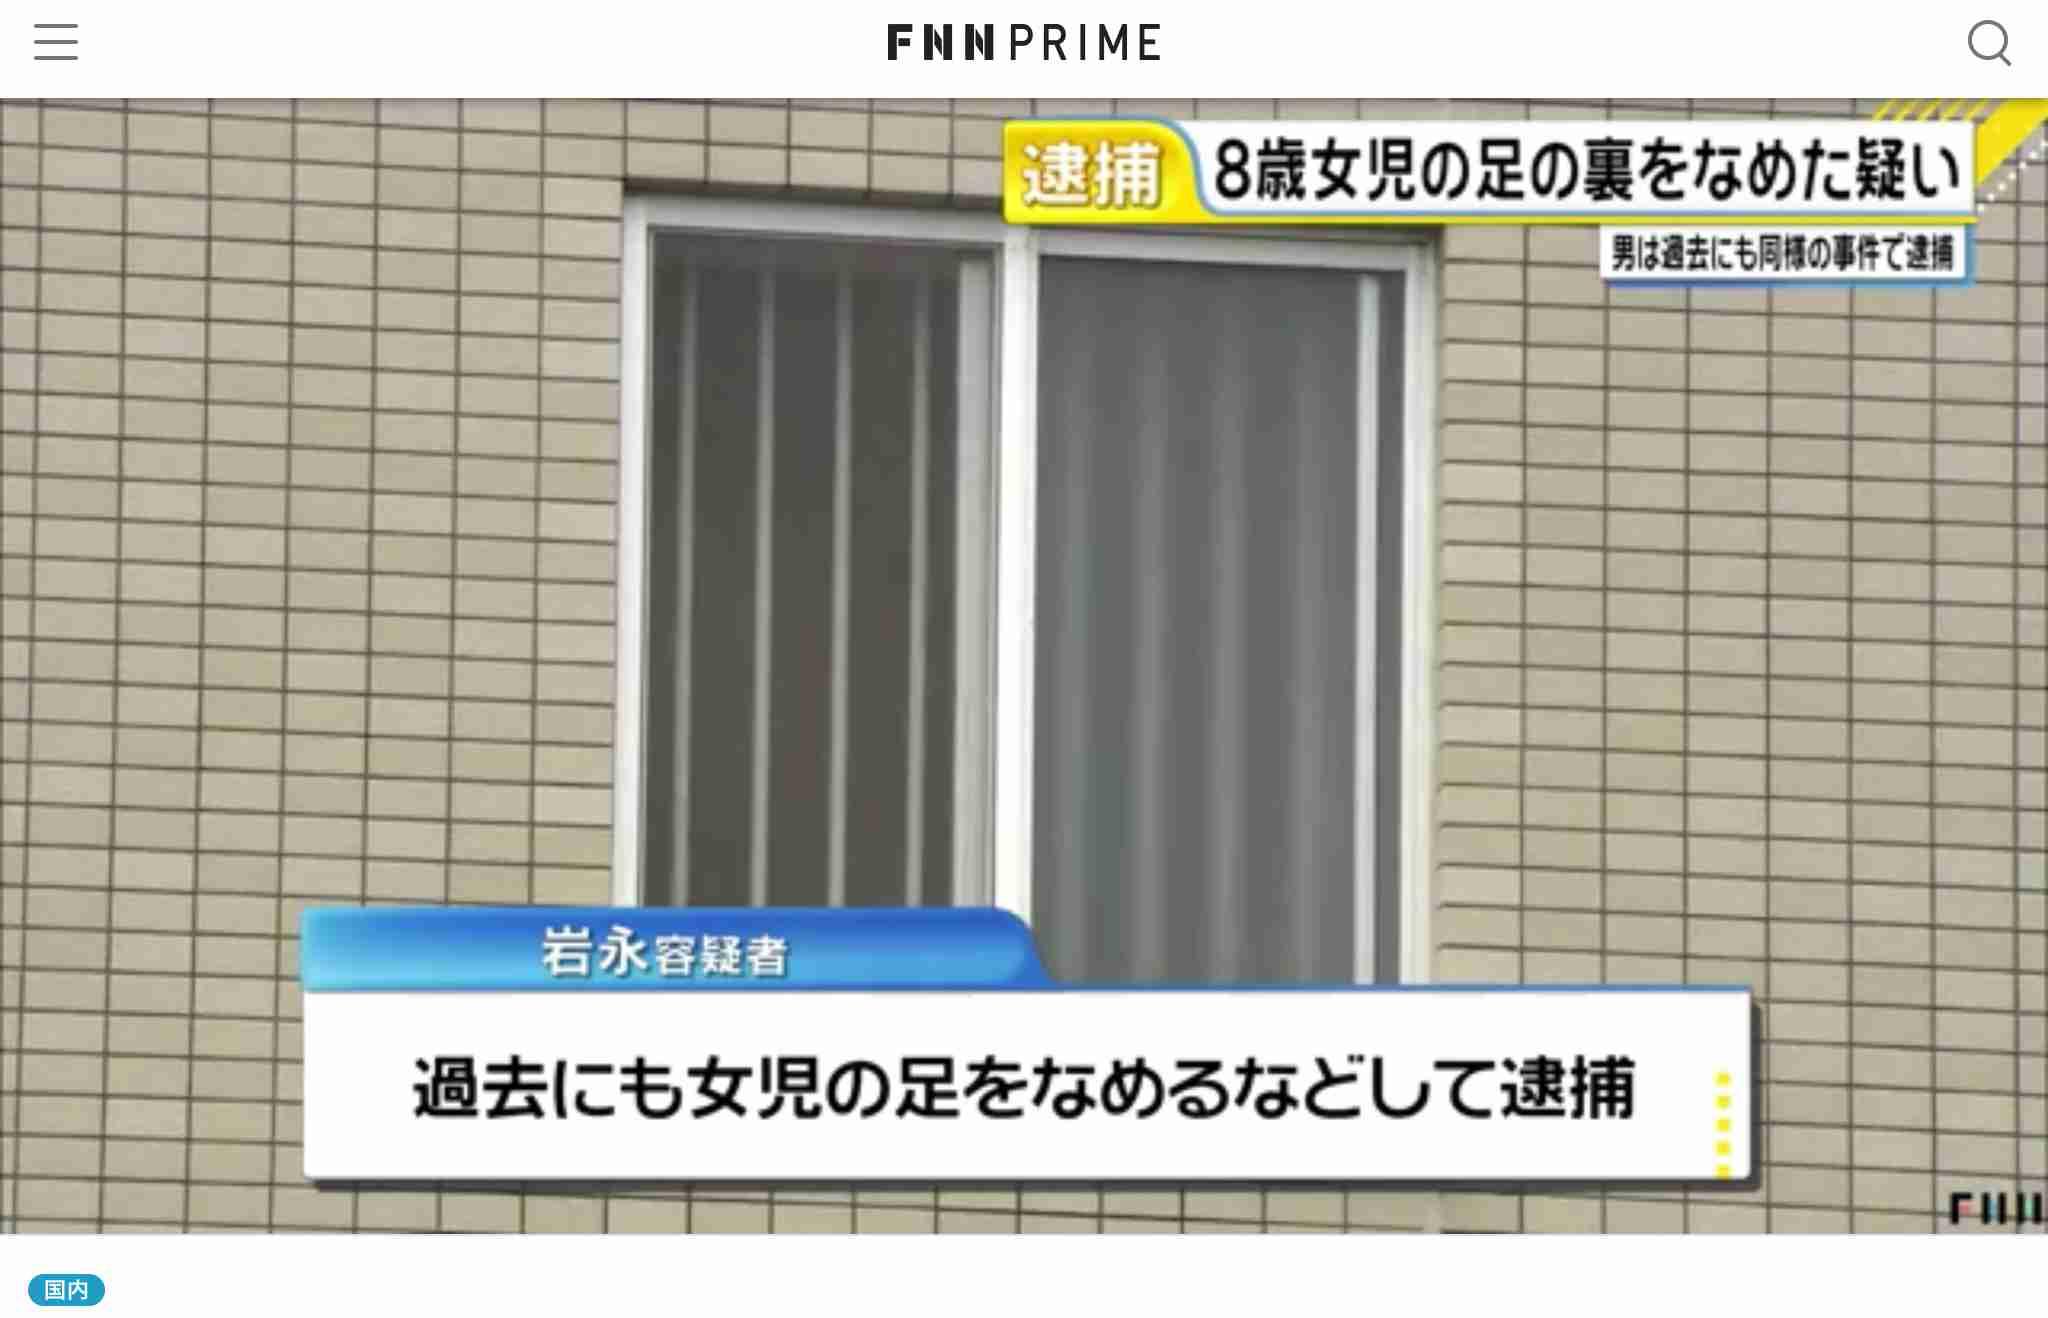 幼稚園に侵入 8歳女児の足裏なめた疑い 43歳男を逮捕 静岡